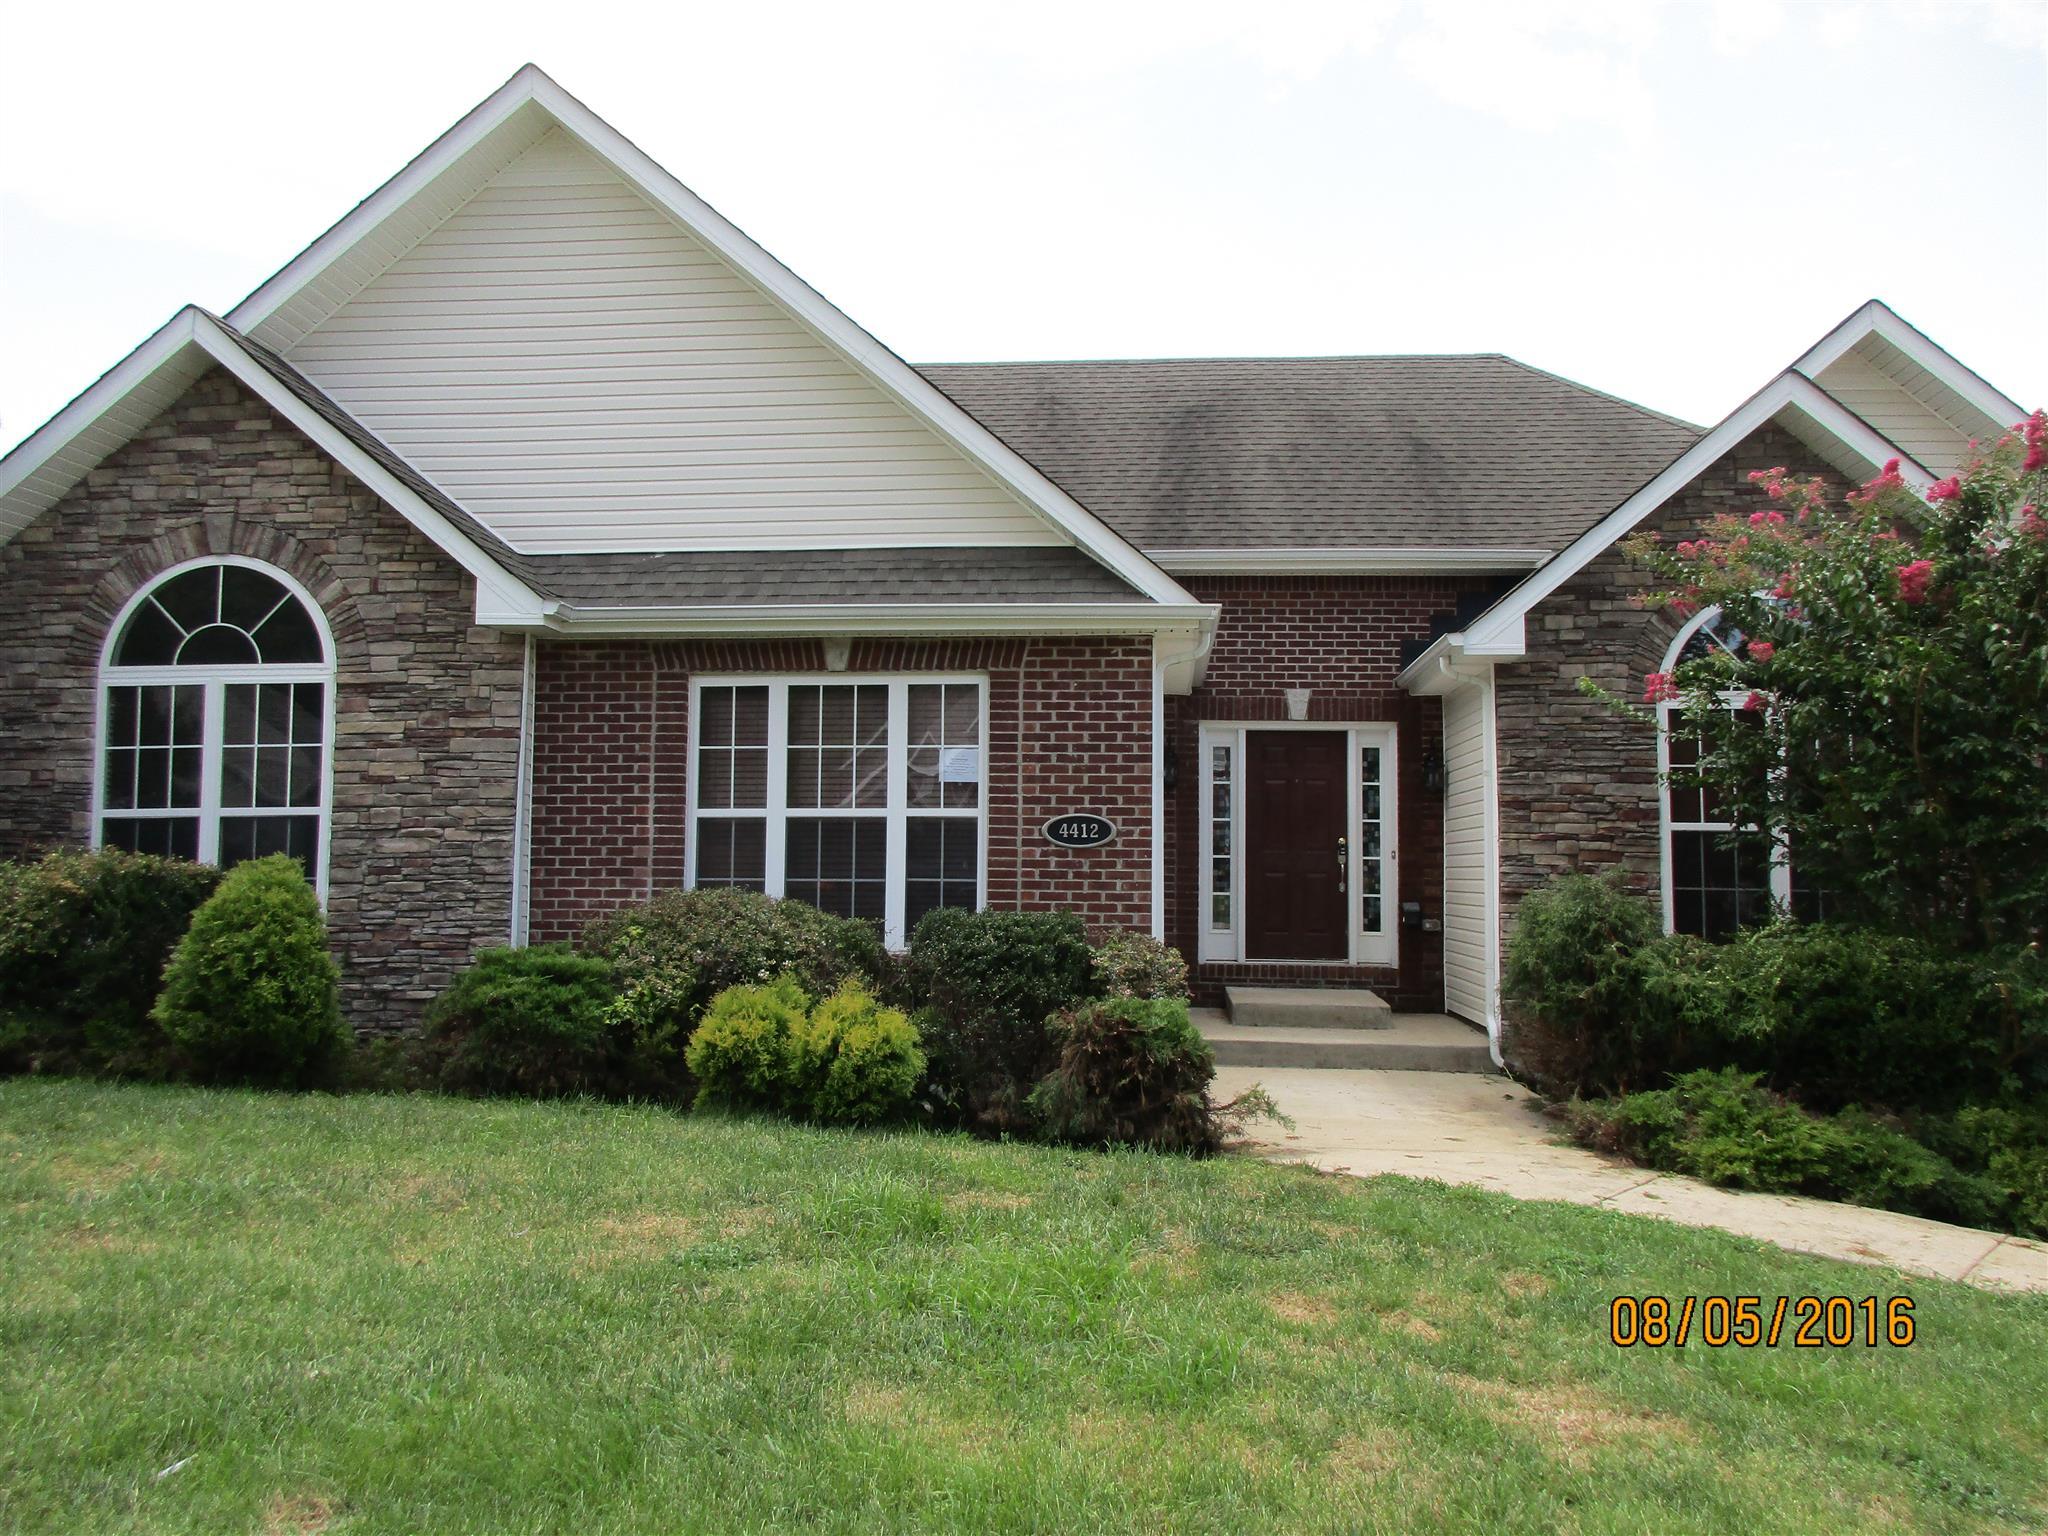 4412 Taylor Hall Ln, Adams, TN 37010